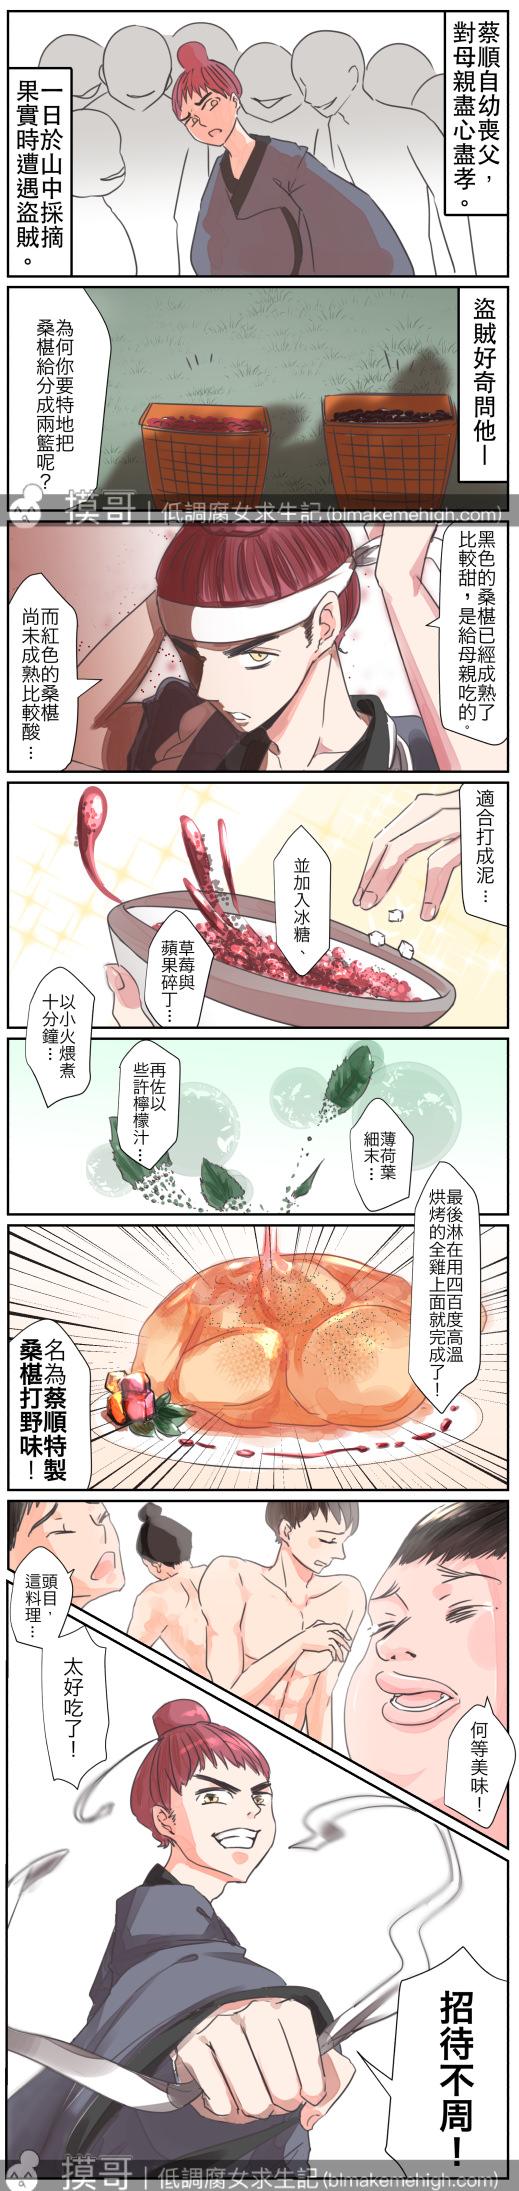 24孝阿腐版_023